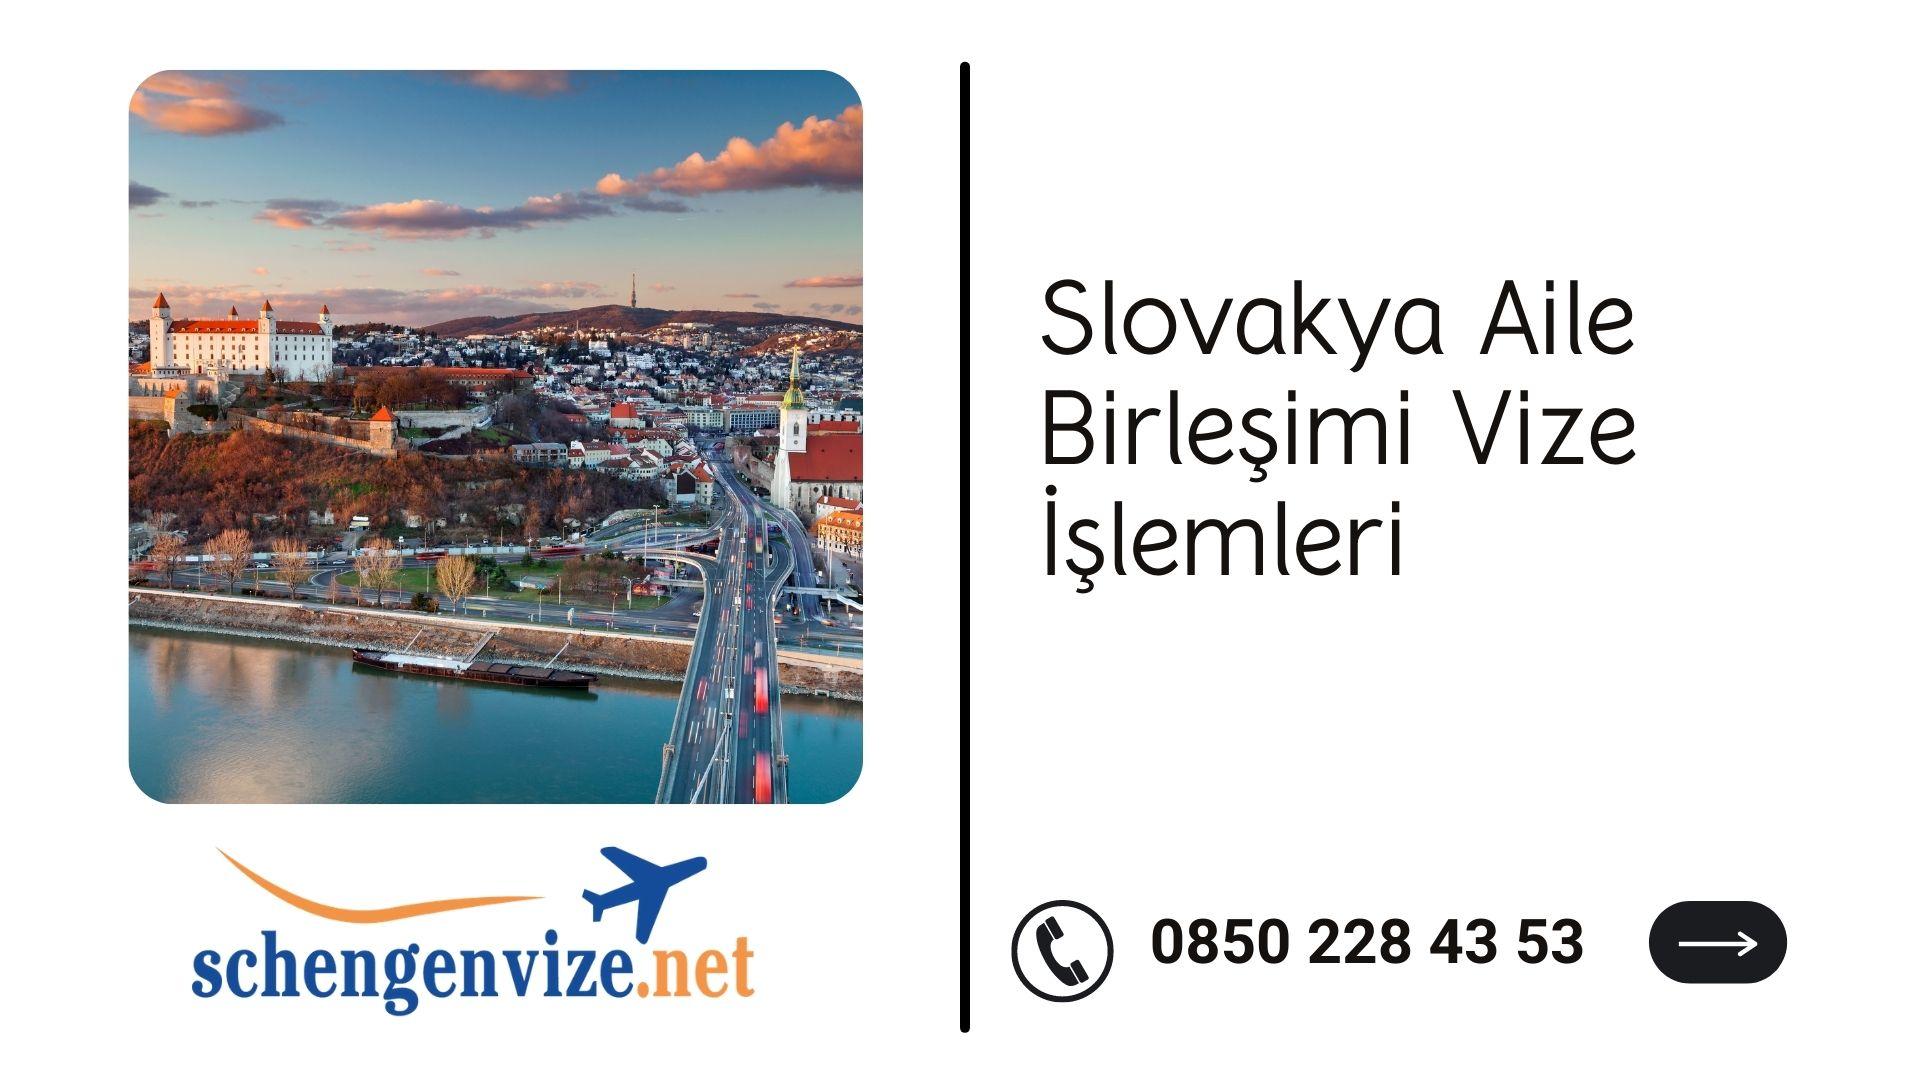 Slovakya Aile Birleşimi Vize İşlemleri